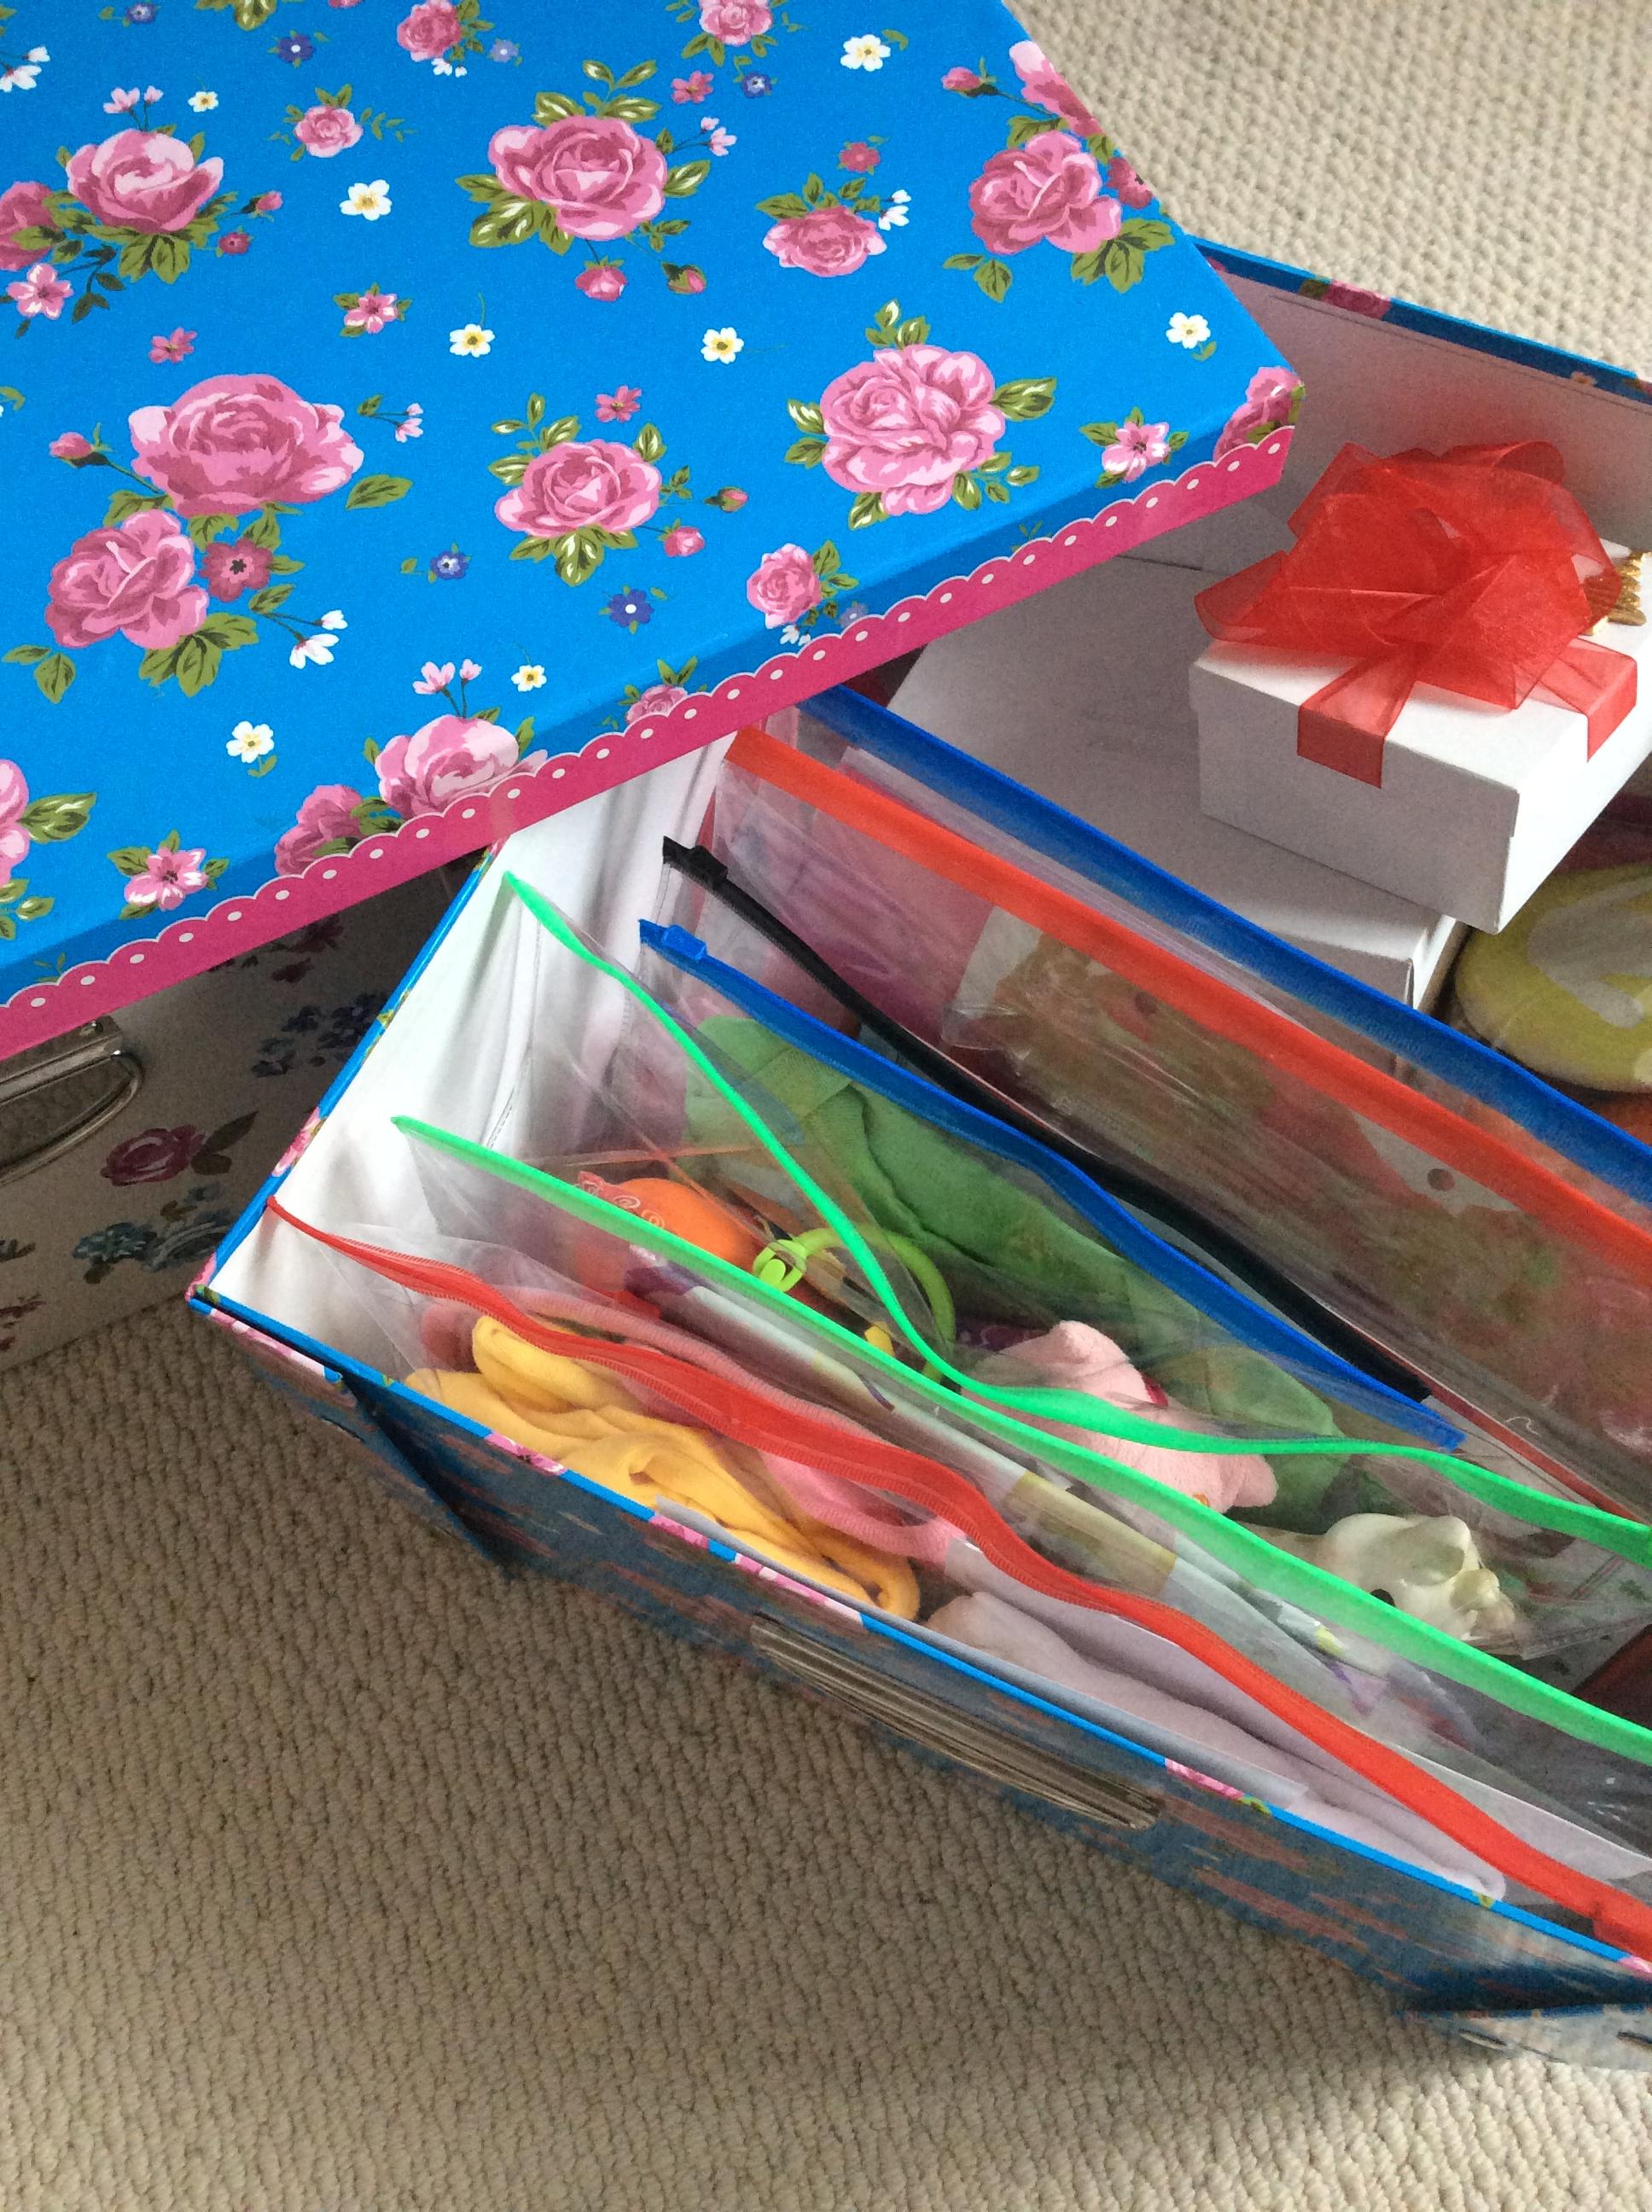 Baby memories: how not to drown in keepsakes